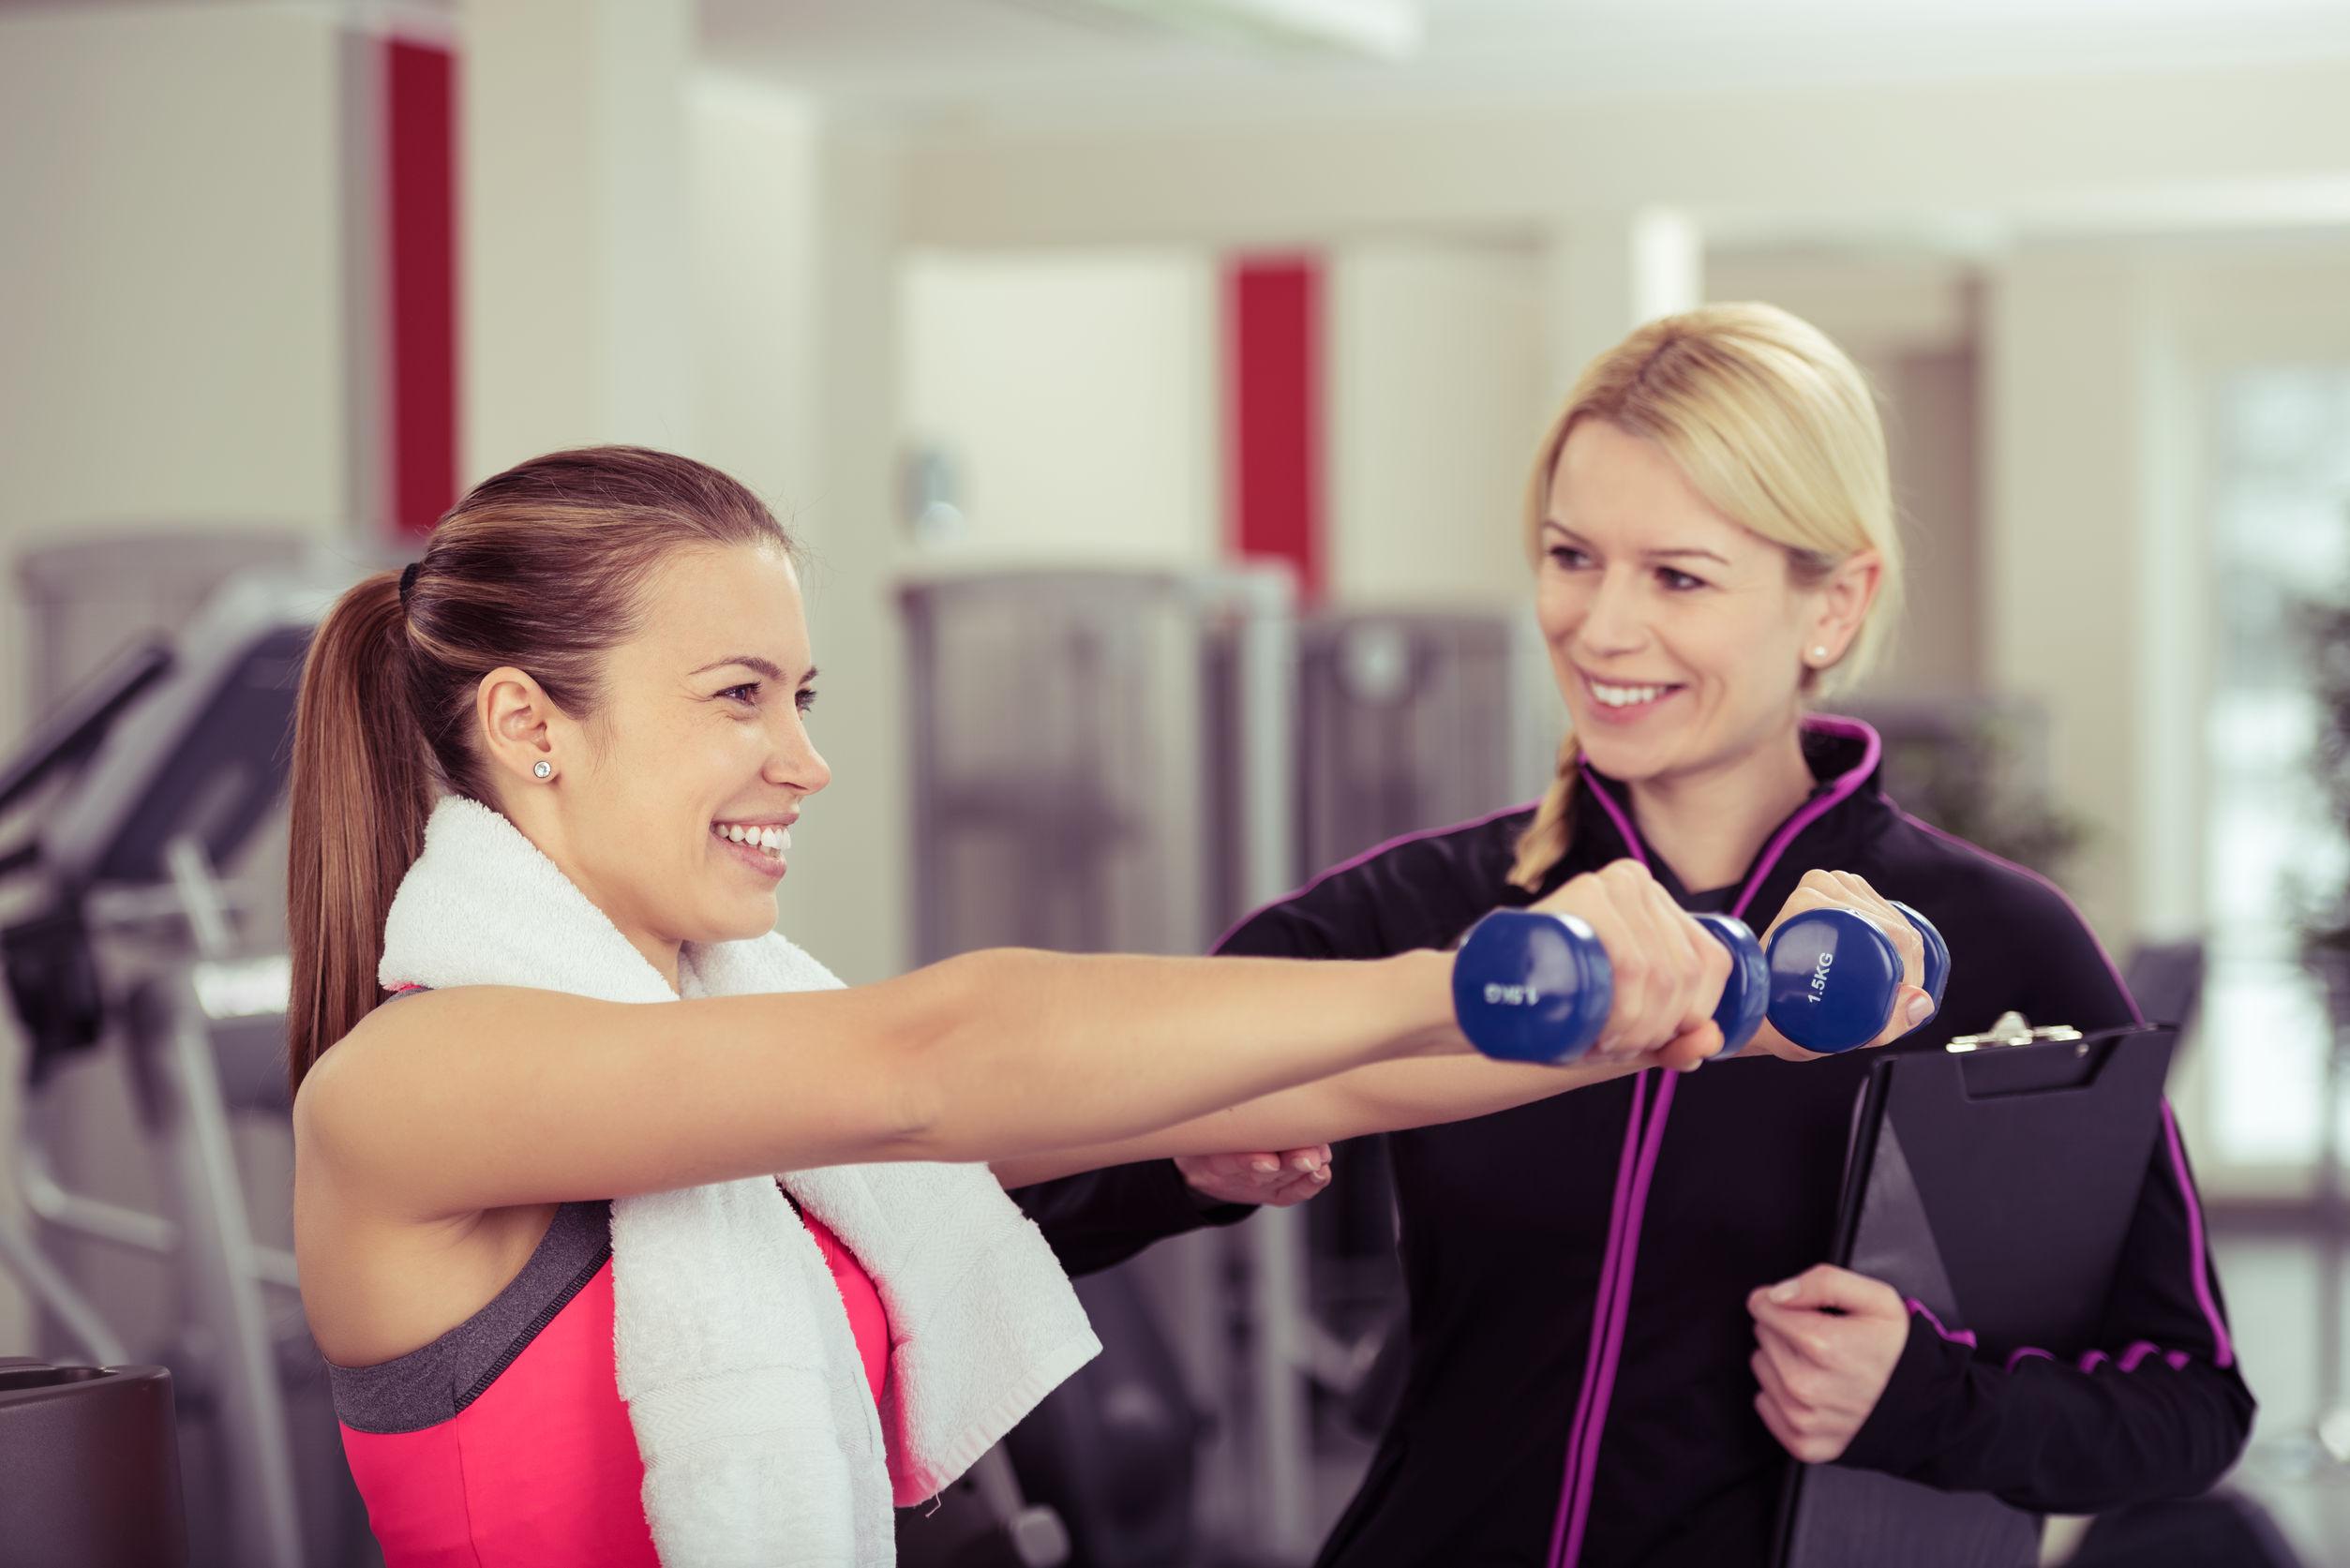 entrenador ejercicio